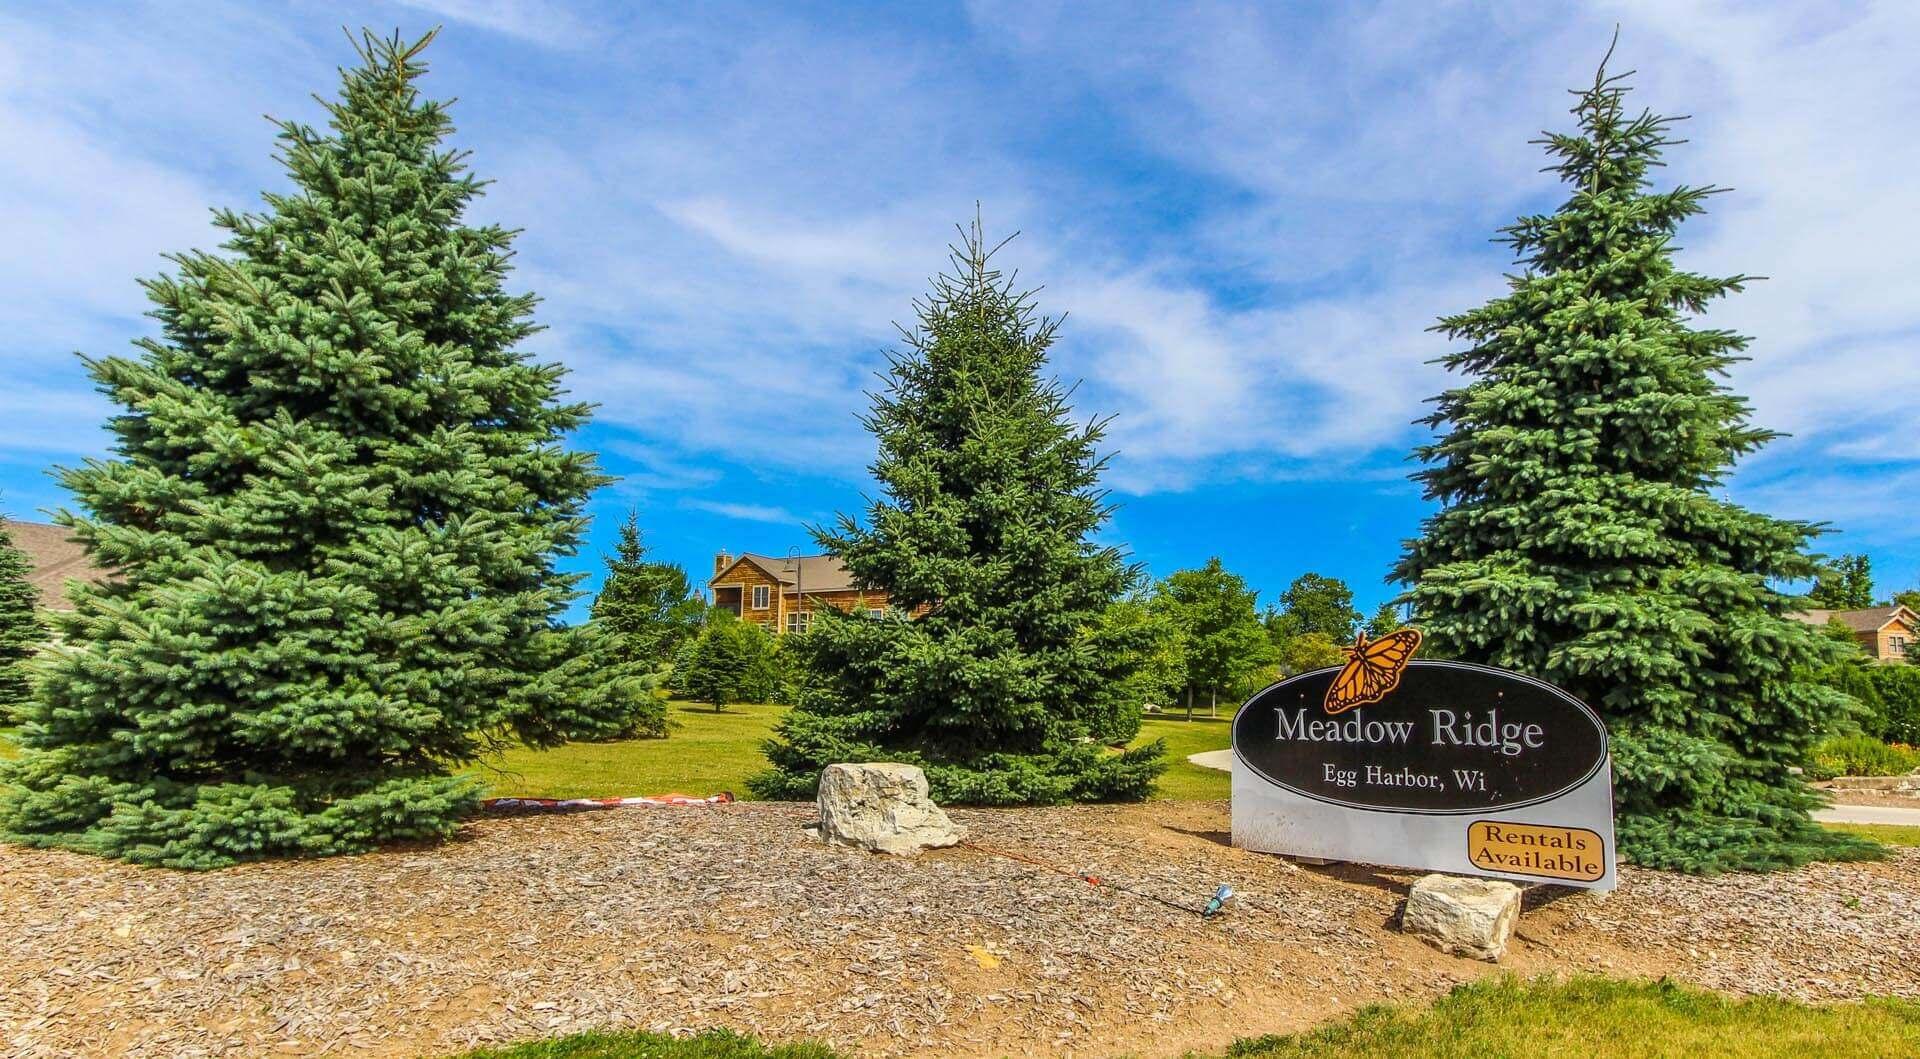 Meadow Ridge Resort Common Area